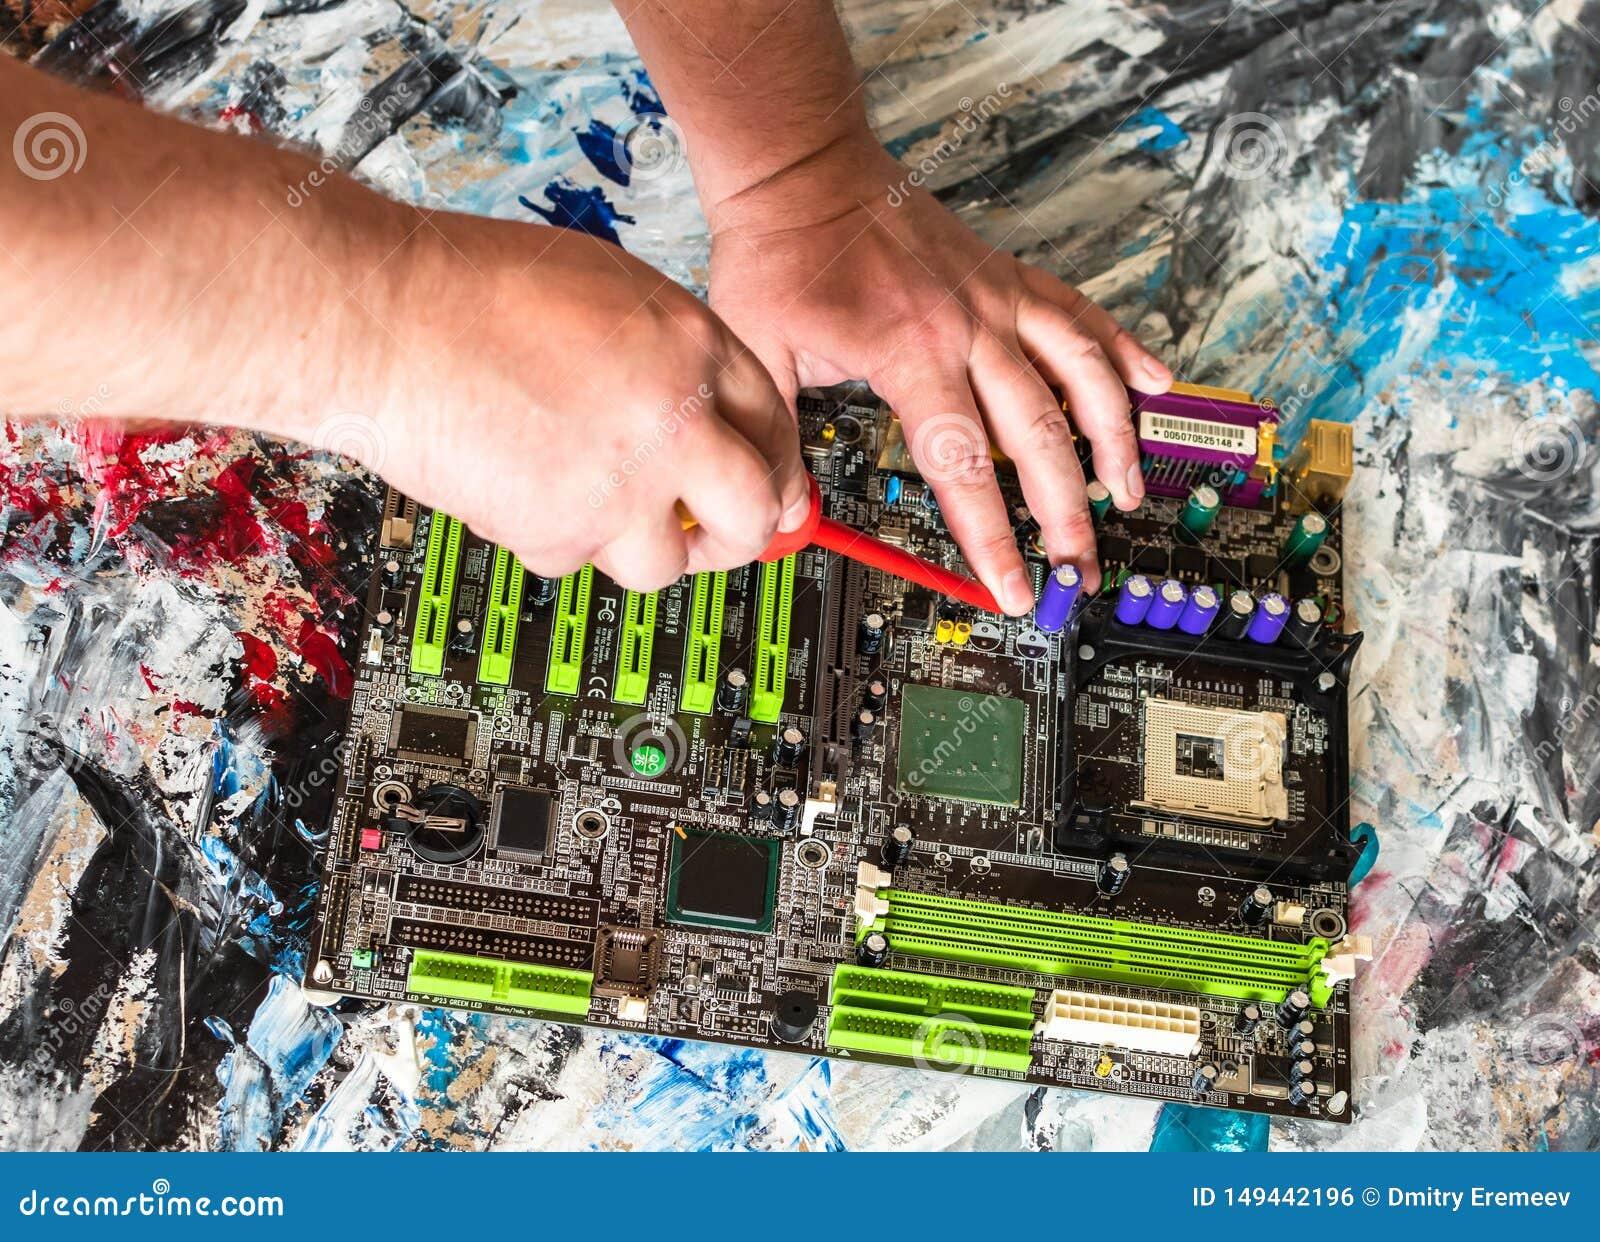 Riparazione di una scheda madre del PC con un cacciavite con una maniglia rossa